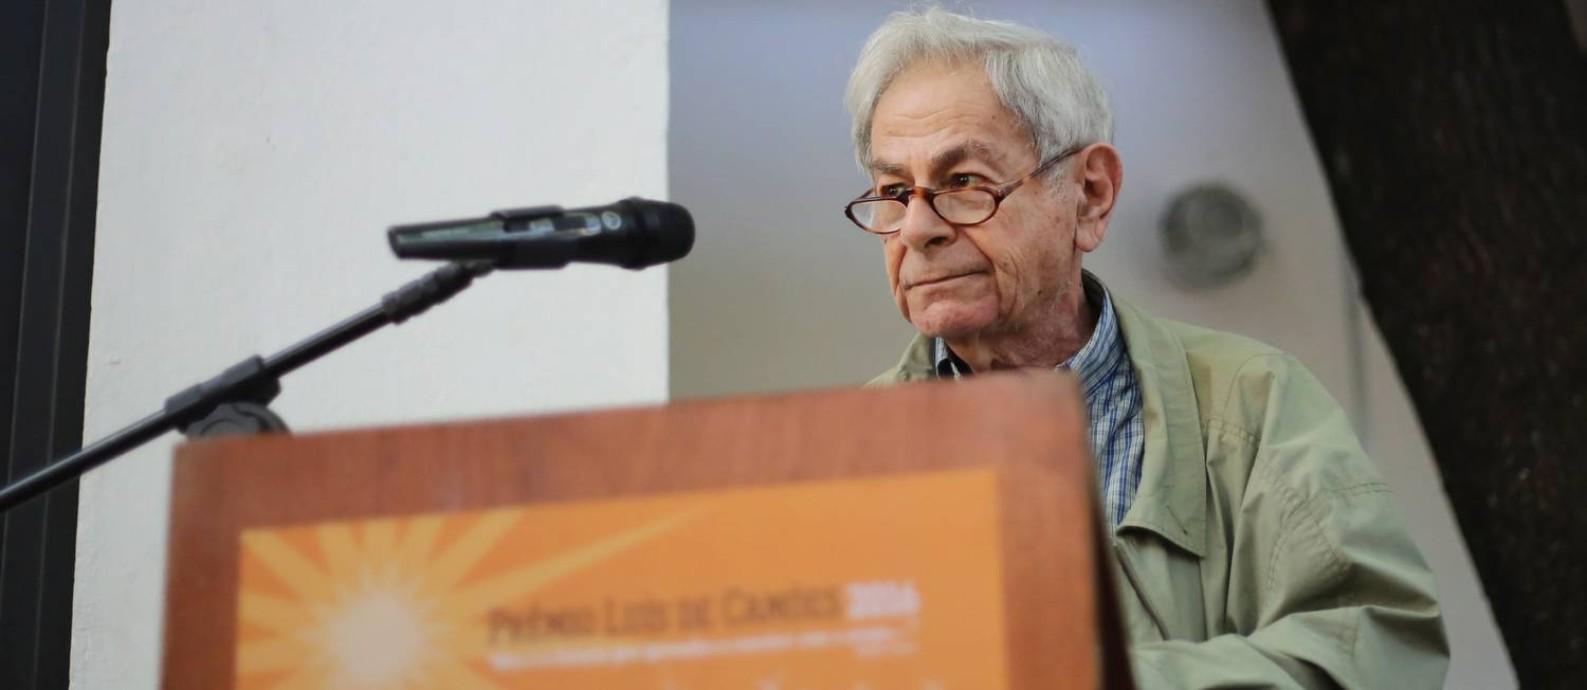 O escritor Raduan Nassar durante entrega do Prêmio Camões: ataque ao governo Foto: Marcos Alves / Agência O Globo